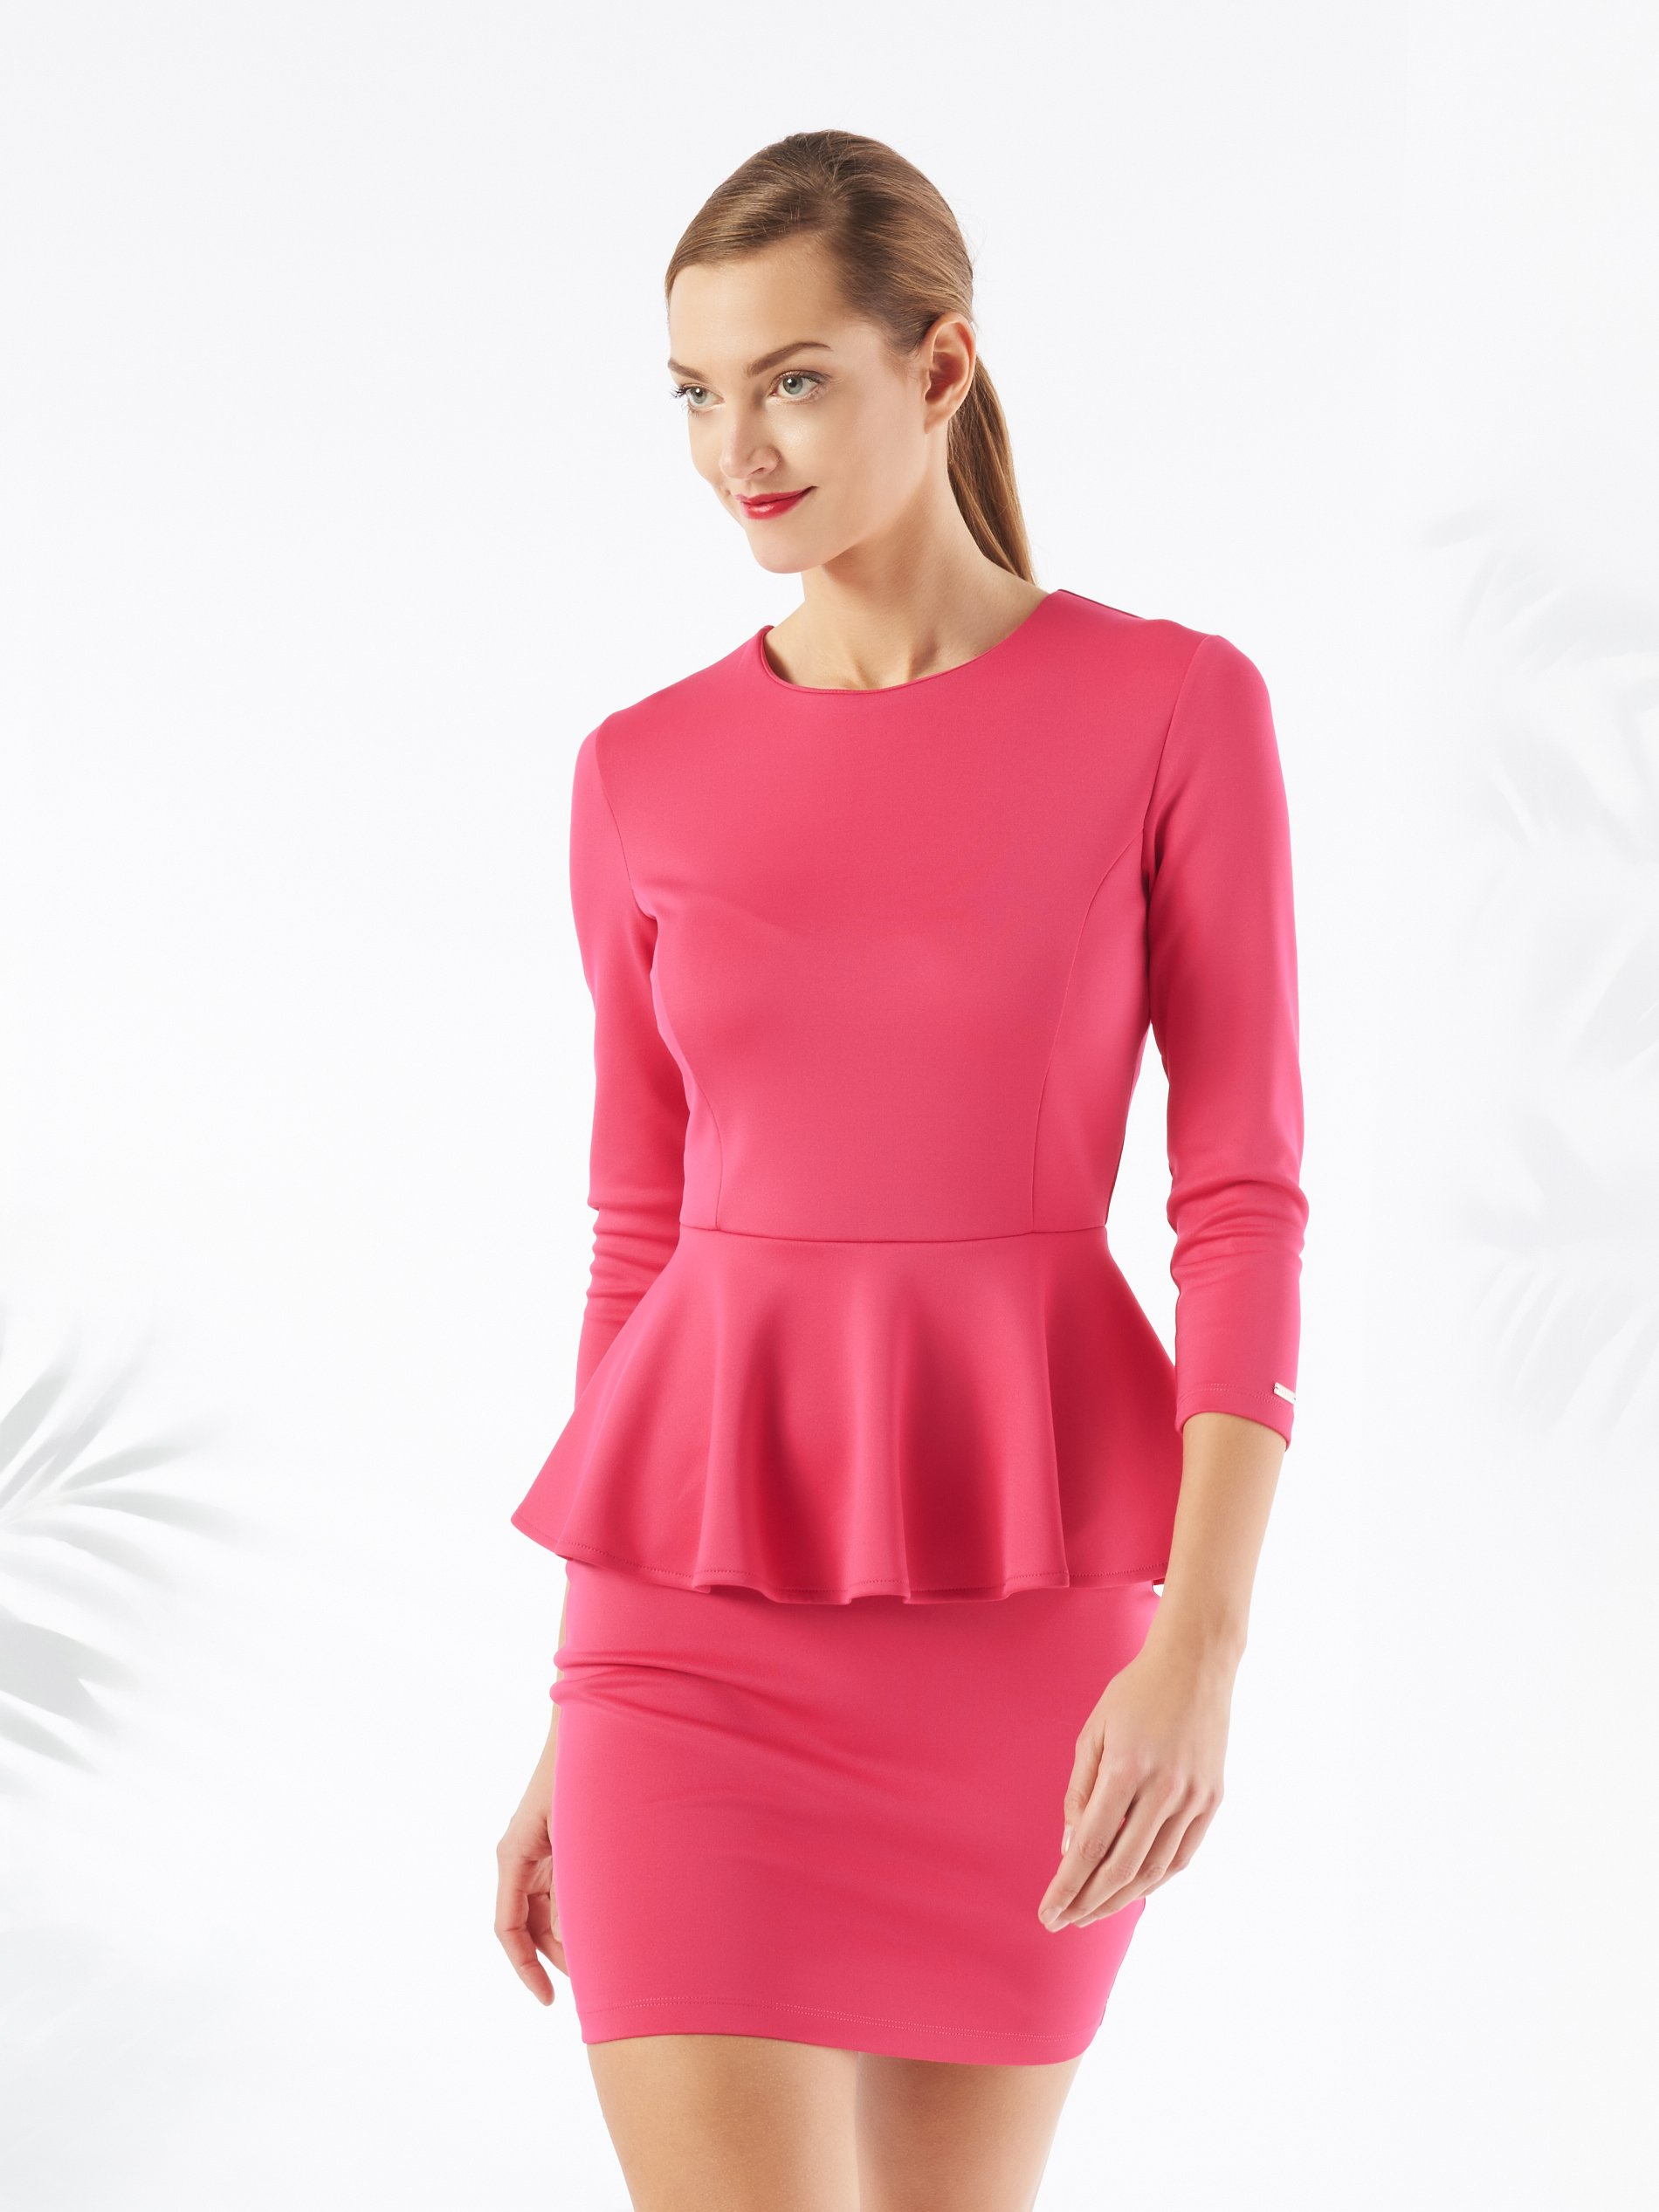 b1bbed0cdc MOHITO sukienka z baskinką r. 34 j. n 7530951436 - Allegro.pl - Więcej niż  aukcje.